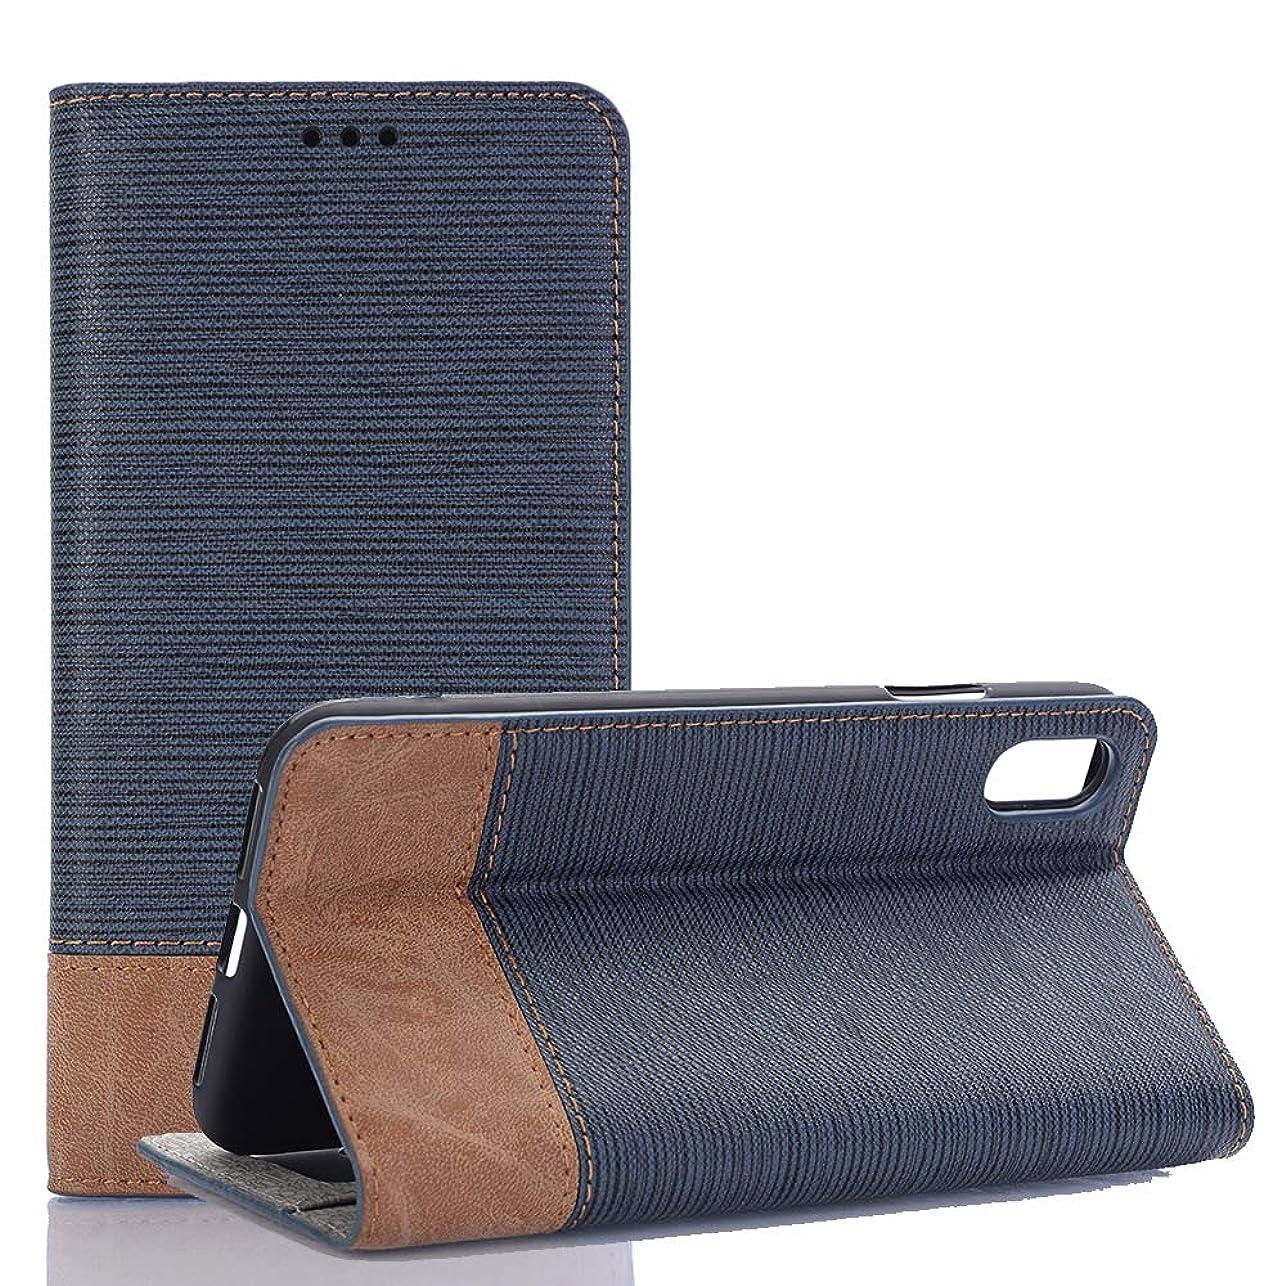 関数椅子有益iPhone XS Max ケース 財布型、INorton 本革ケース 全面保護 衝撃吸収 スタンド機能 カード収納 手帳型 スマートケース iPhone XS Max対応